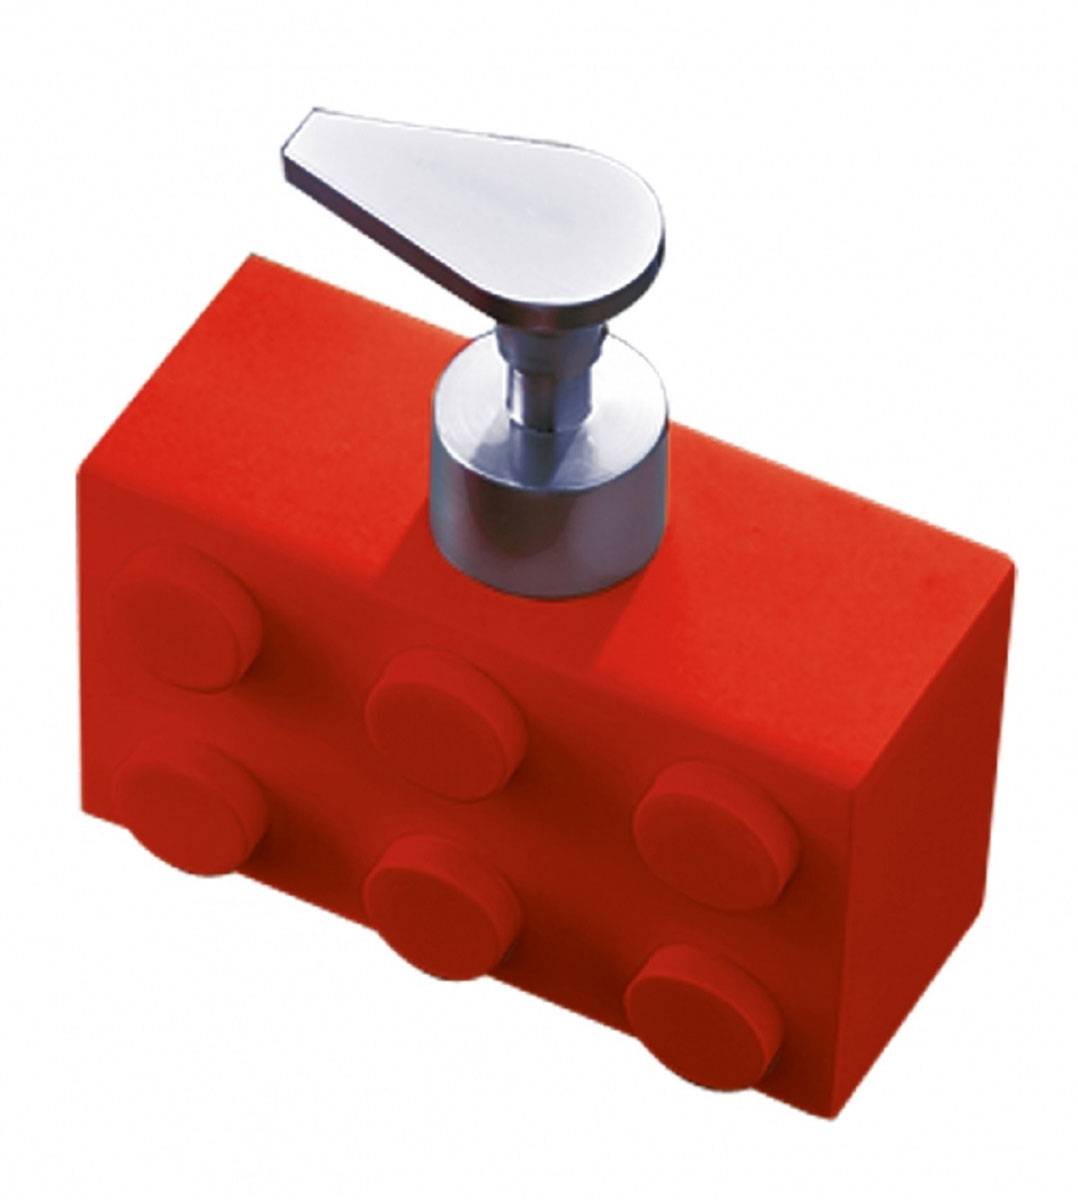 Дозатор для жидкого мыла Ridder Bob, цвет: красный, 280 мл68/5/3Дозатор для жидкого мыла Ridder Bob, изготовленный из экологичной полирезины,отлично подойдет для вашей ванной комнаты.Такой аксессуар очень удобен в использовании,достаточно лишь перелить жидкое мыло вдозатор, а когда необходимо использованиемыла, легким нажатием выдавить нужноеколичество. Дозатор для жидкого мыла Ridder Bobсоздаст особую атмосферу уюта и максимальногокомфорта в ванной.Объем дозатора: 280 мл.